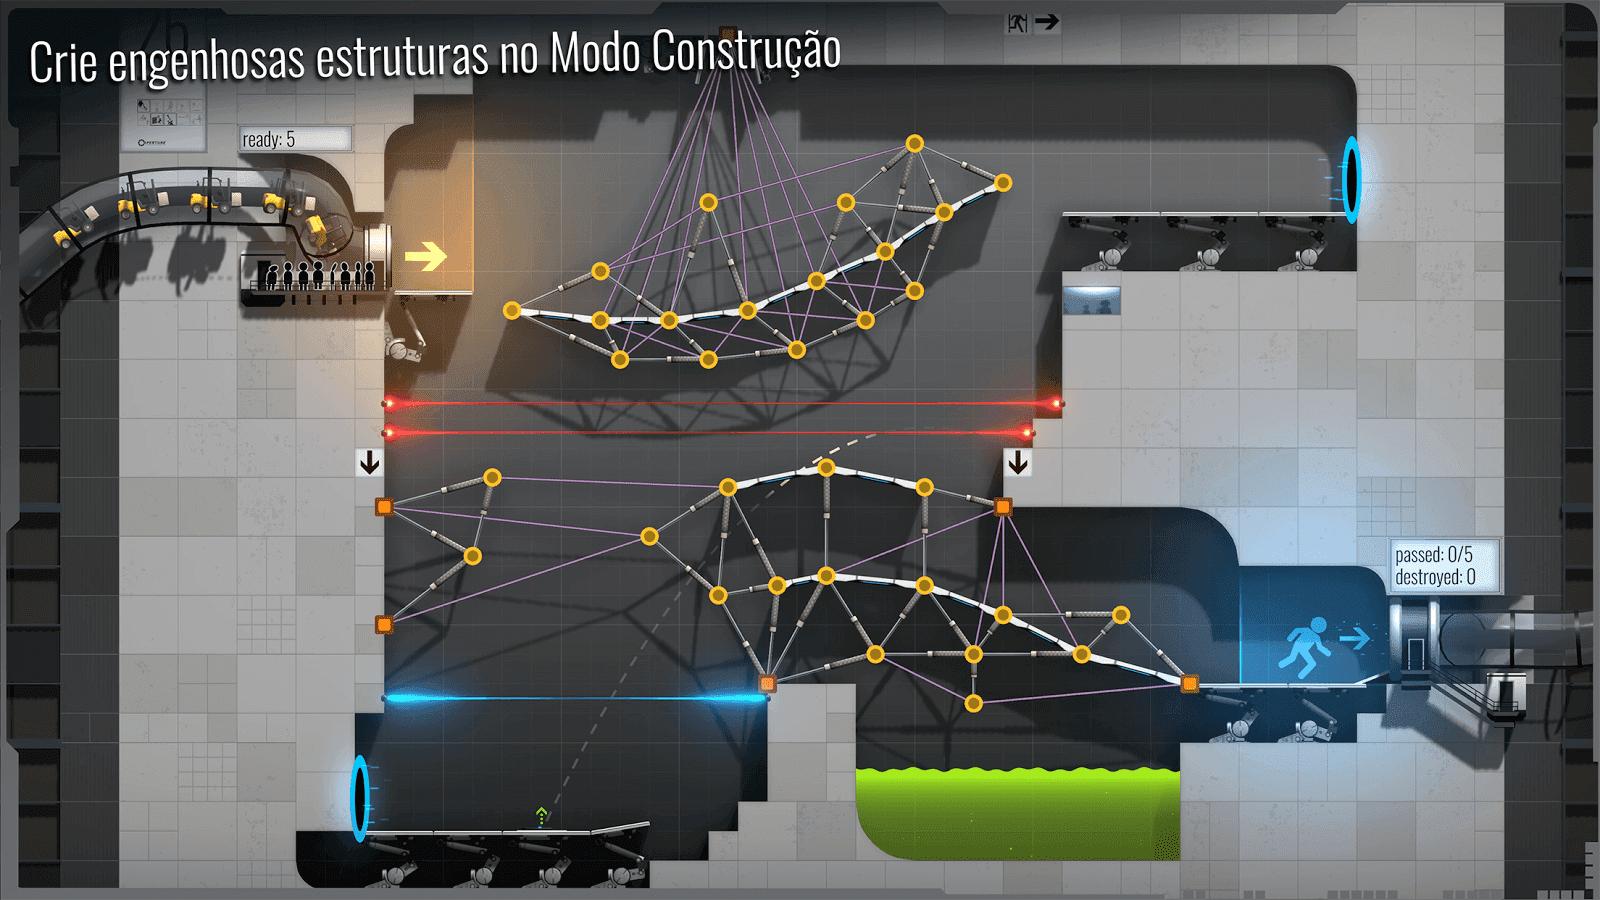 Bridge Constructor Portal v 5.2 apk mod DESBLOQUEADO / SEM ANÚNCIOS